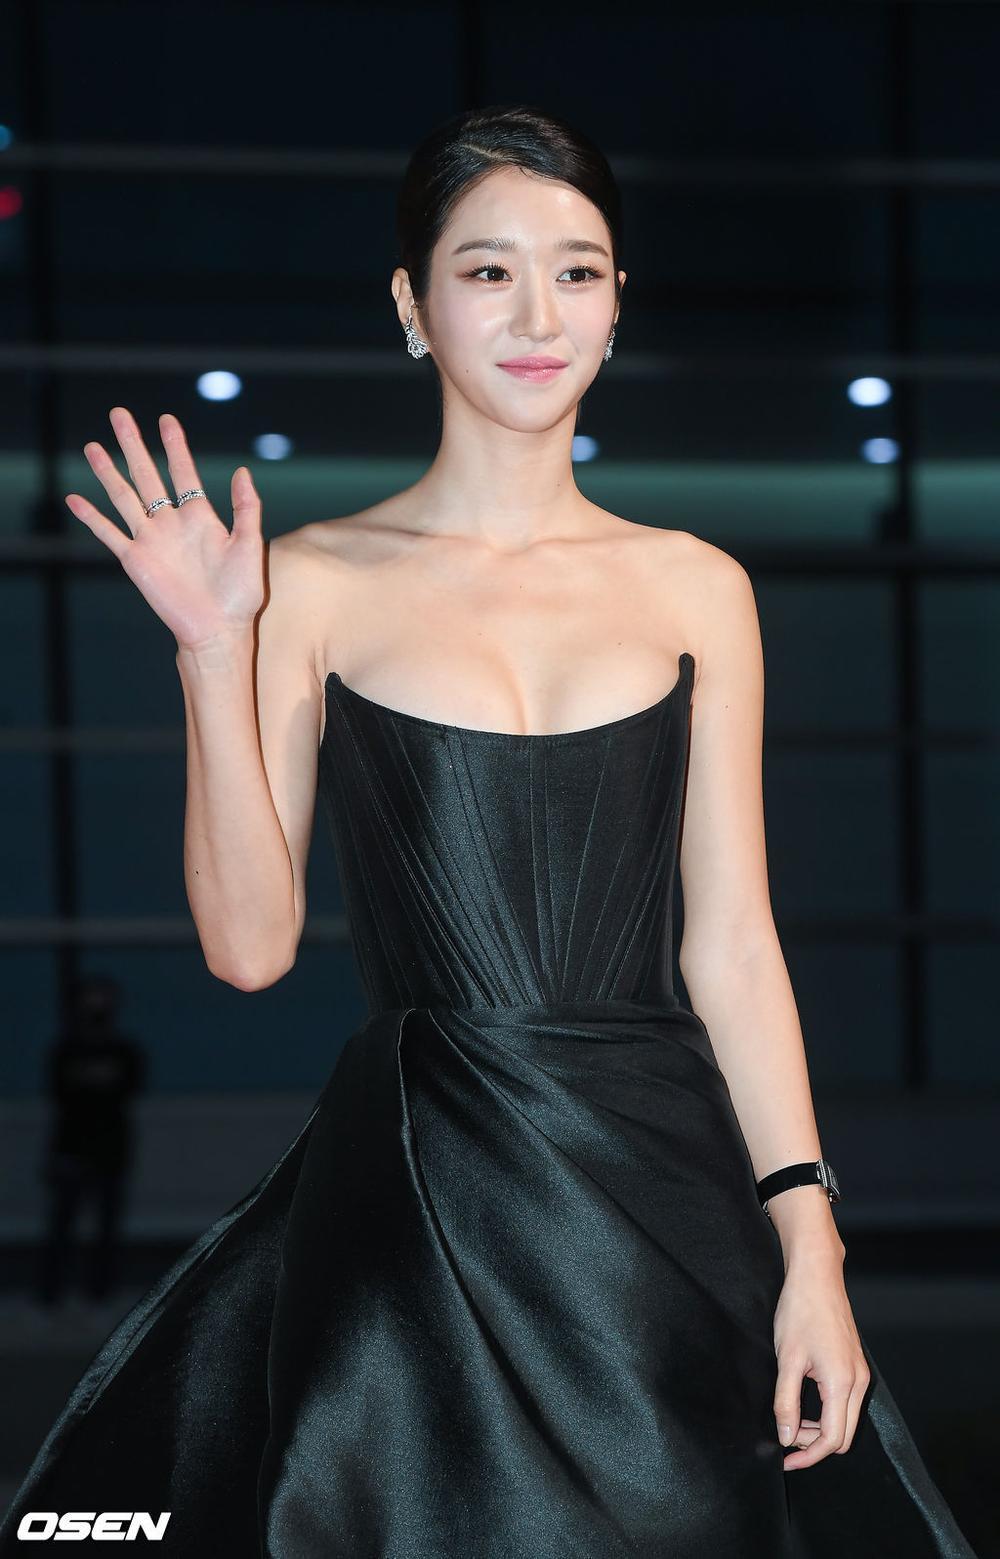 'Buil Film Awards 2020': Điên nữ Seo Ye Ji khoe ngực khủng, xuất thần cùng Lee Byung Hun trên thảm đỏ Ảnh 9